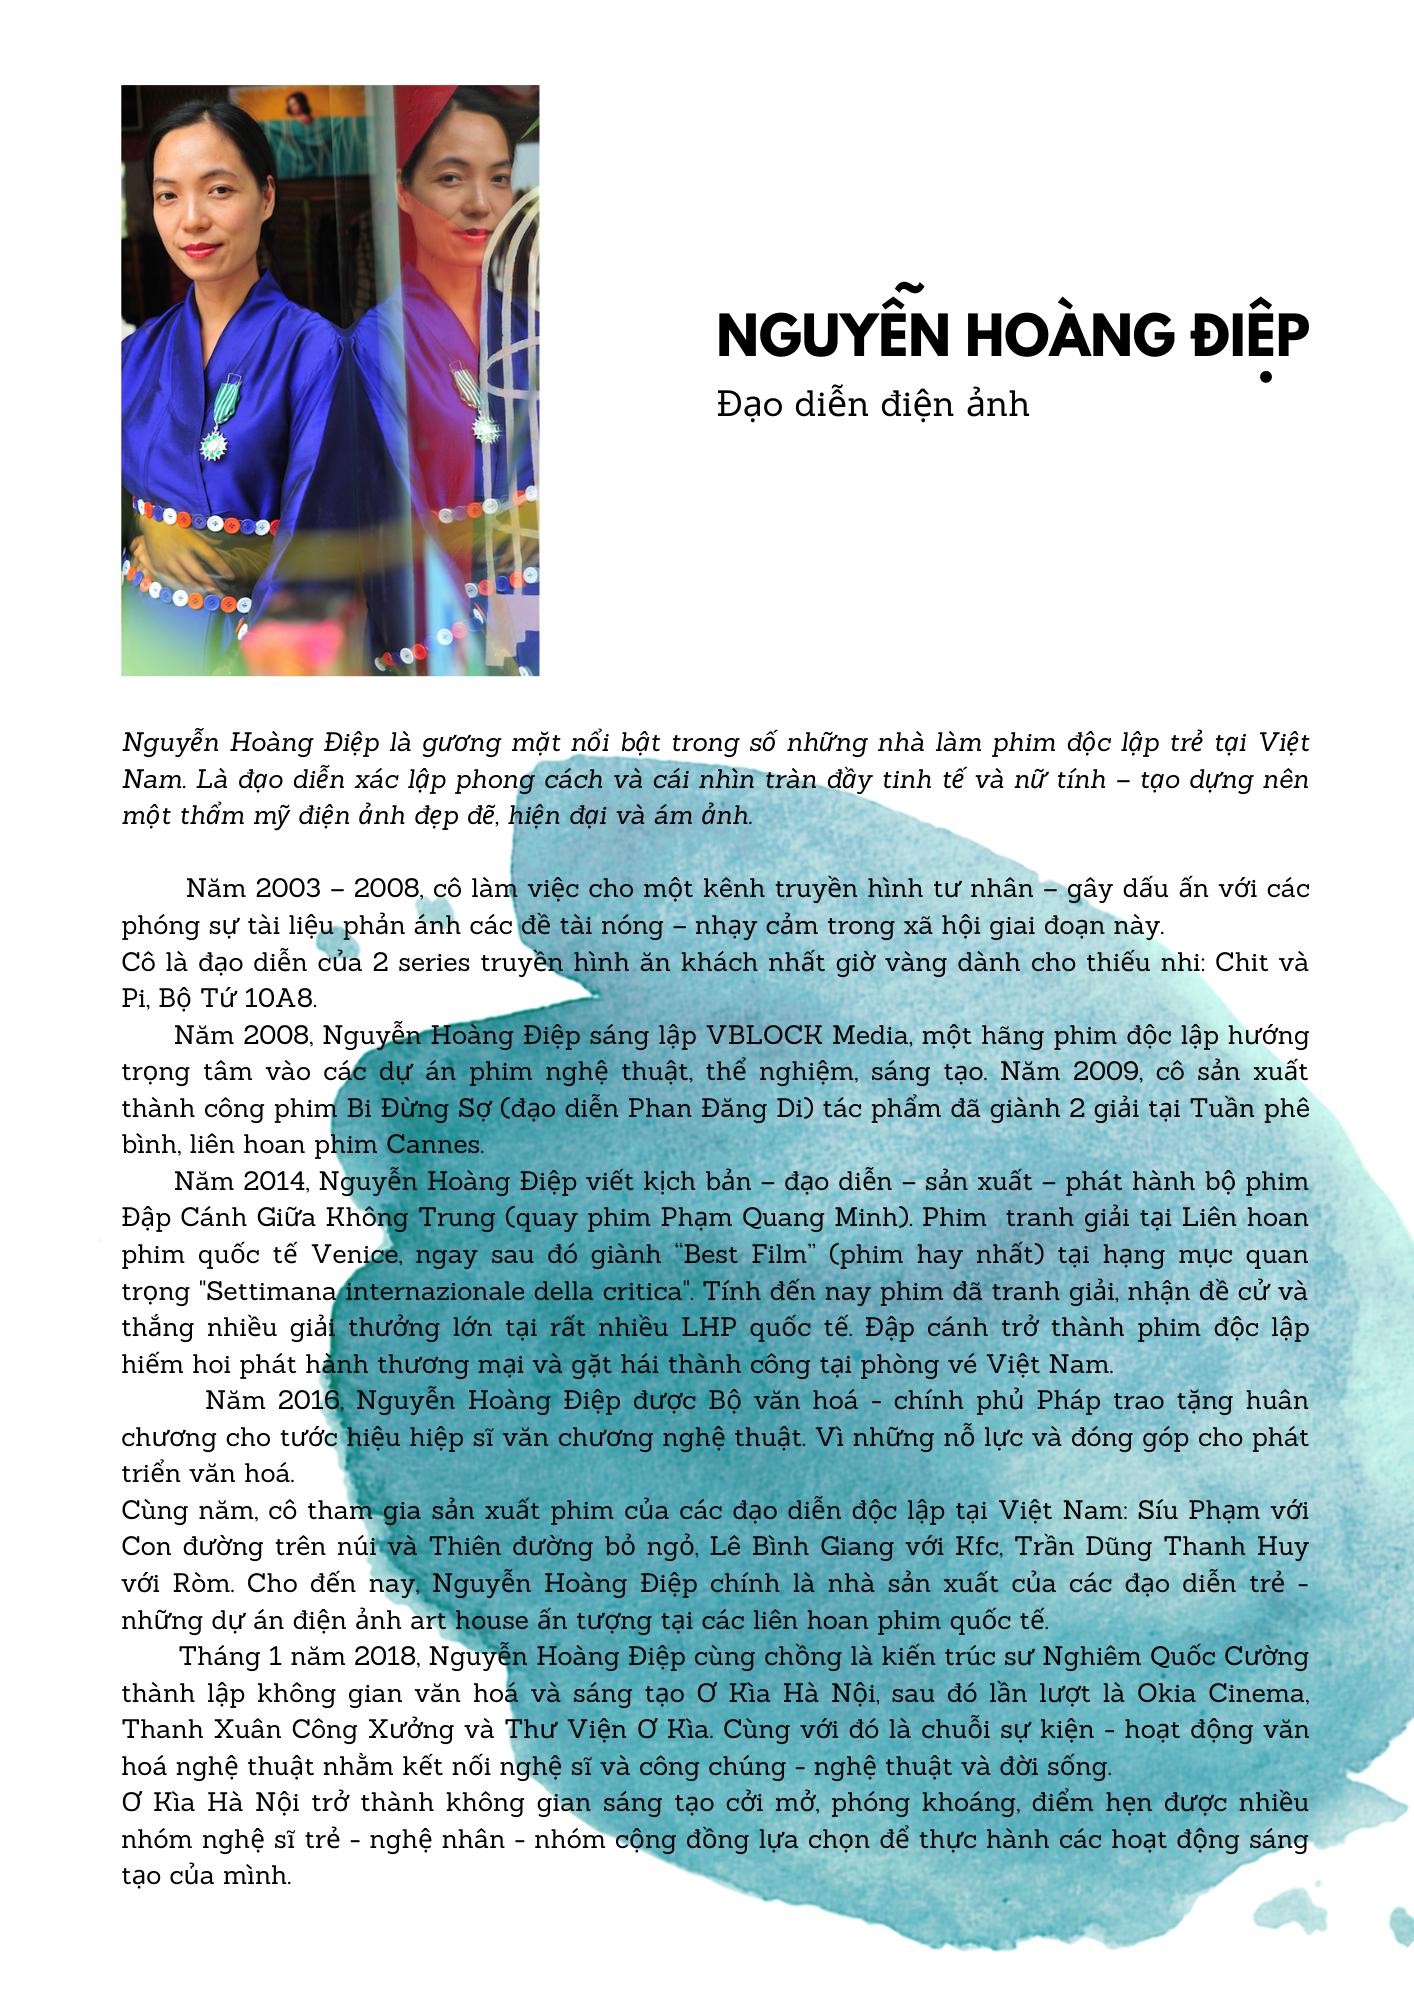 CV đạo diễn Nguyễn Hoàng Điệp